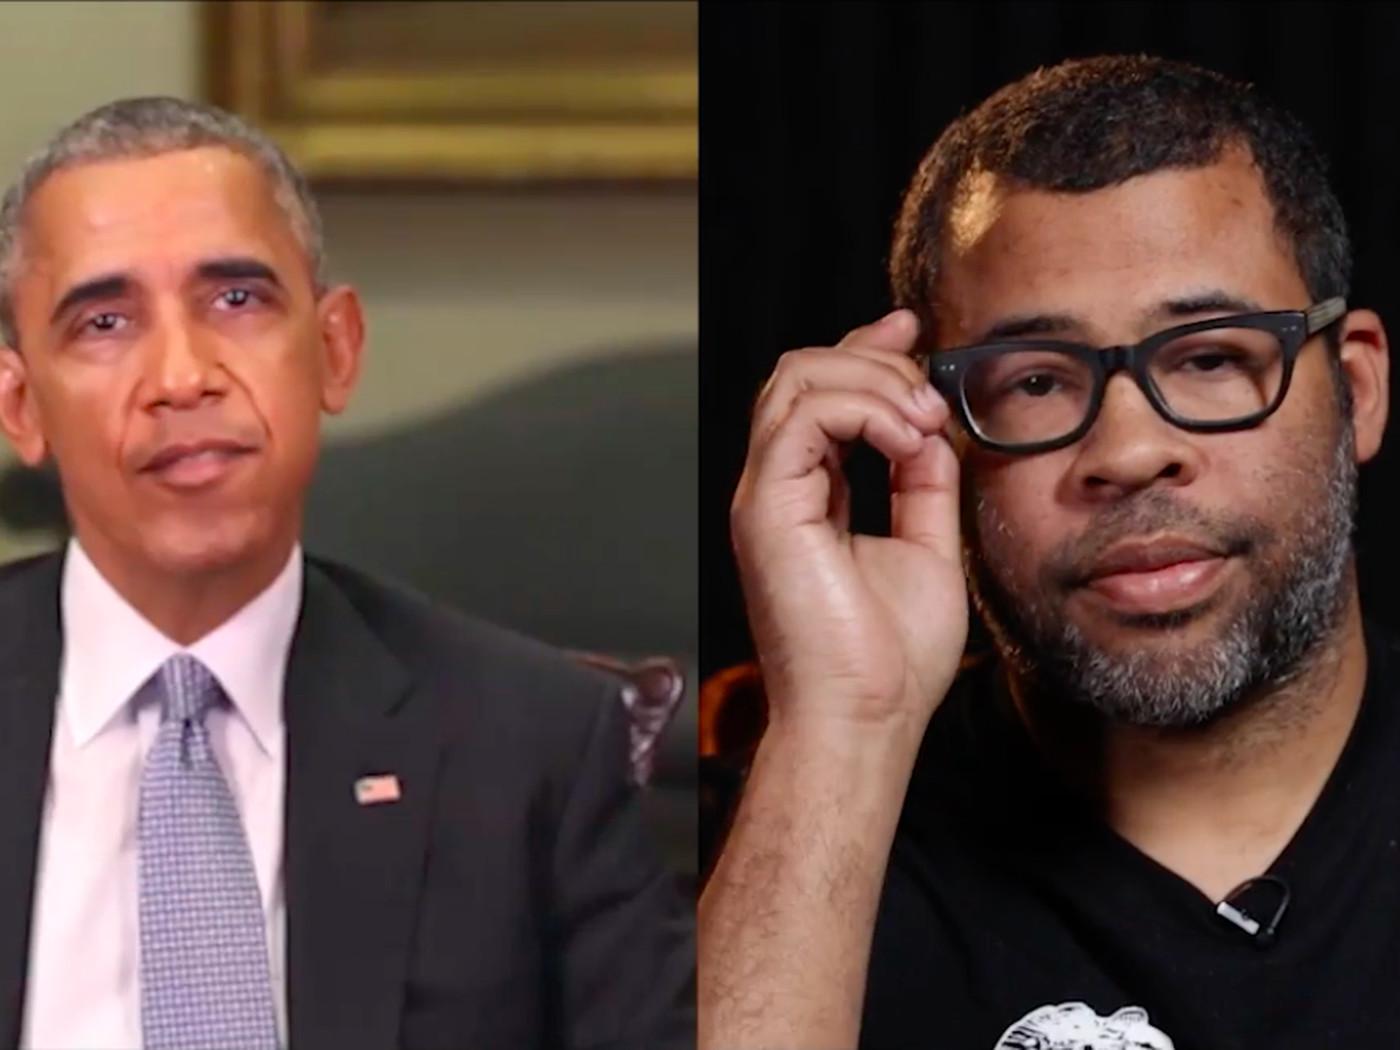 https://www.vox.com/2018/4/18/17252410/jordan-peele-obama-deepfake-buzzfeed